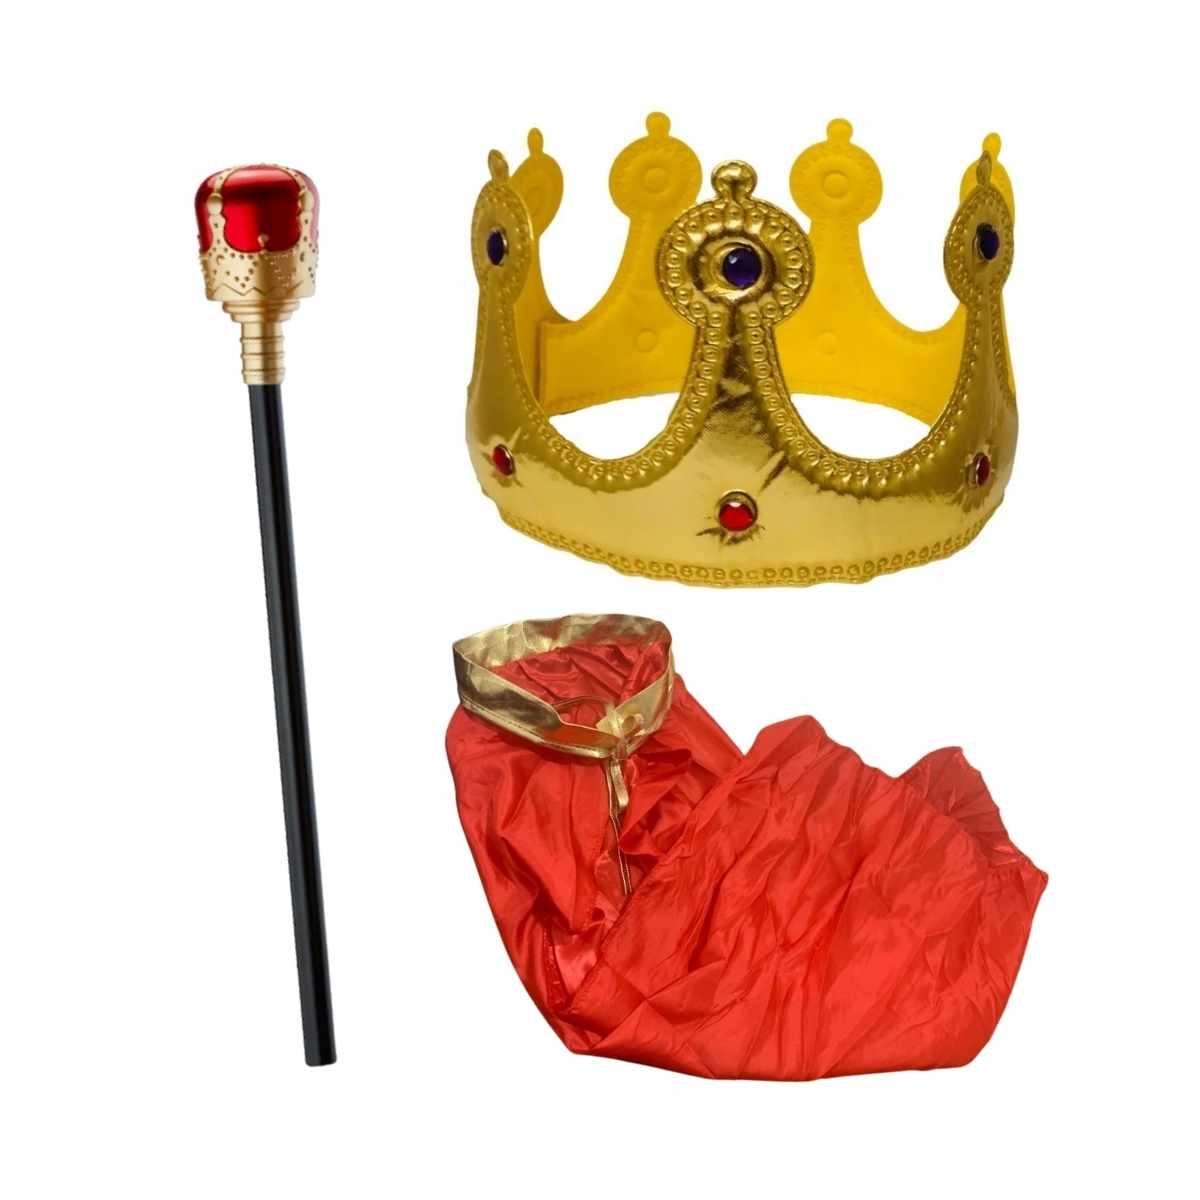 Kit Reizinho (Capa Rei Infantil + Bastão Rei + Coroa Rei Dourada Tecido)